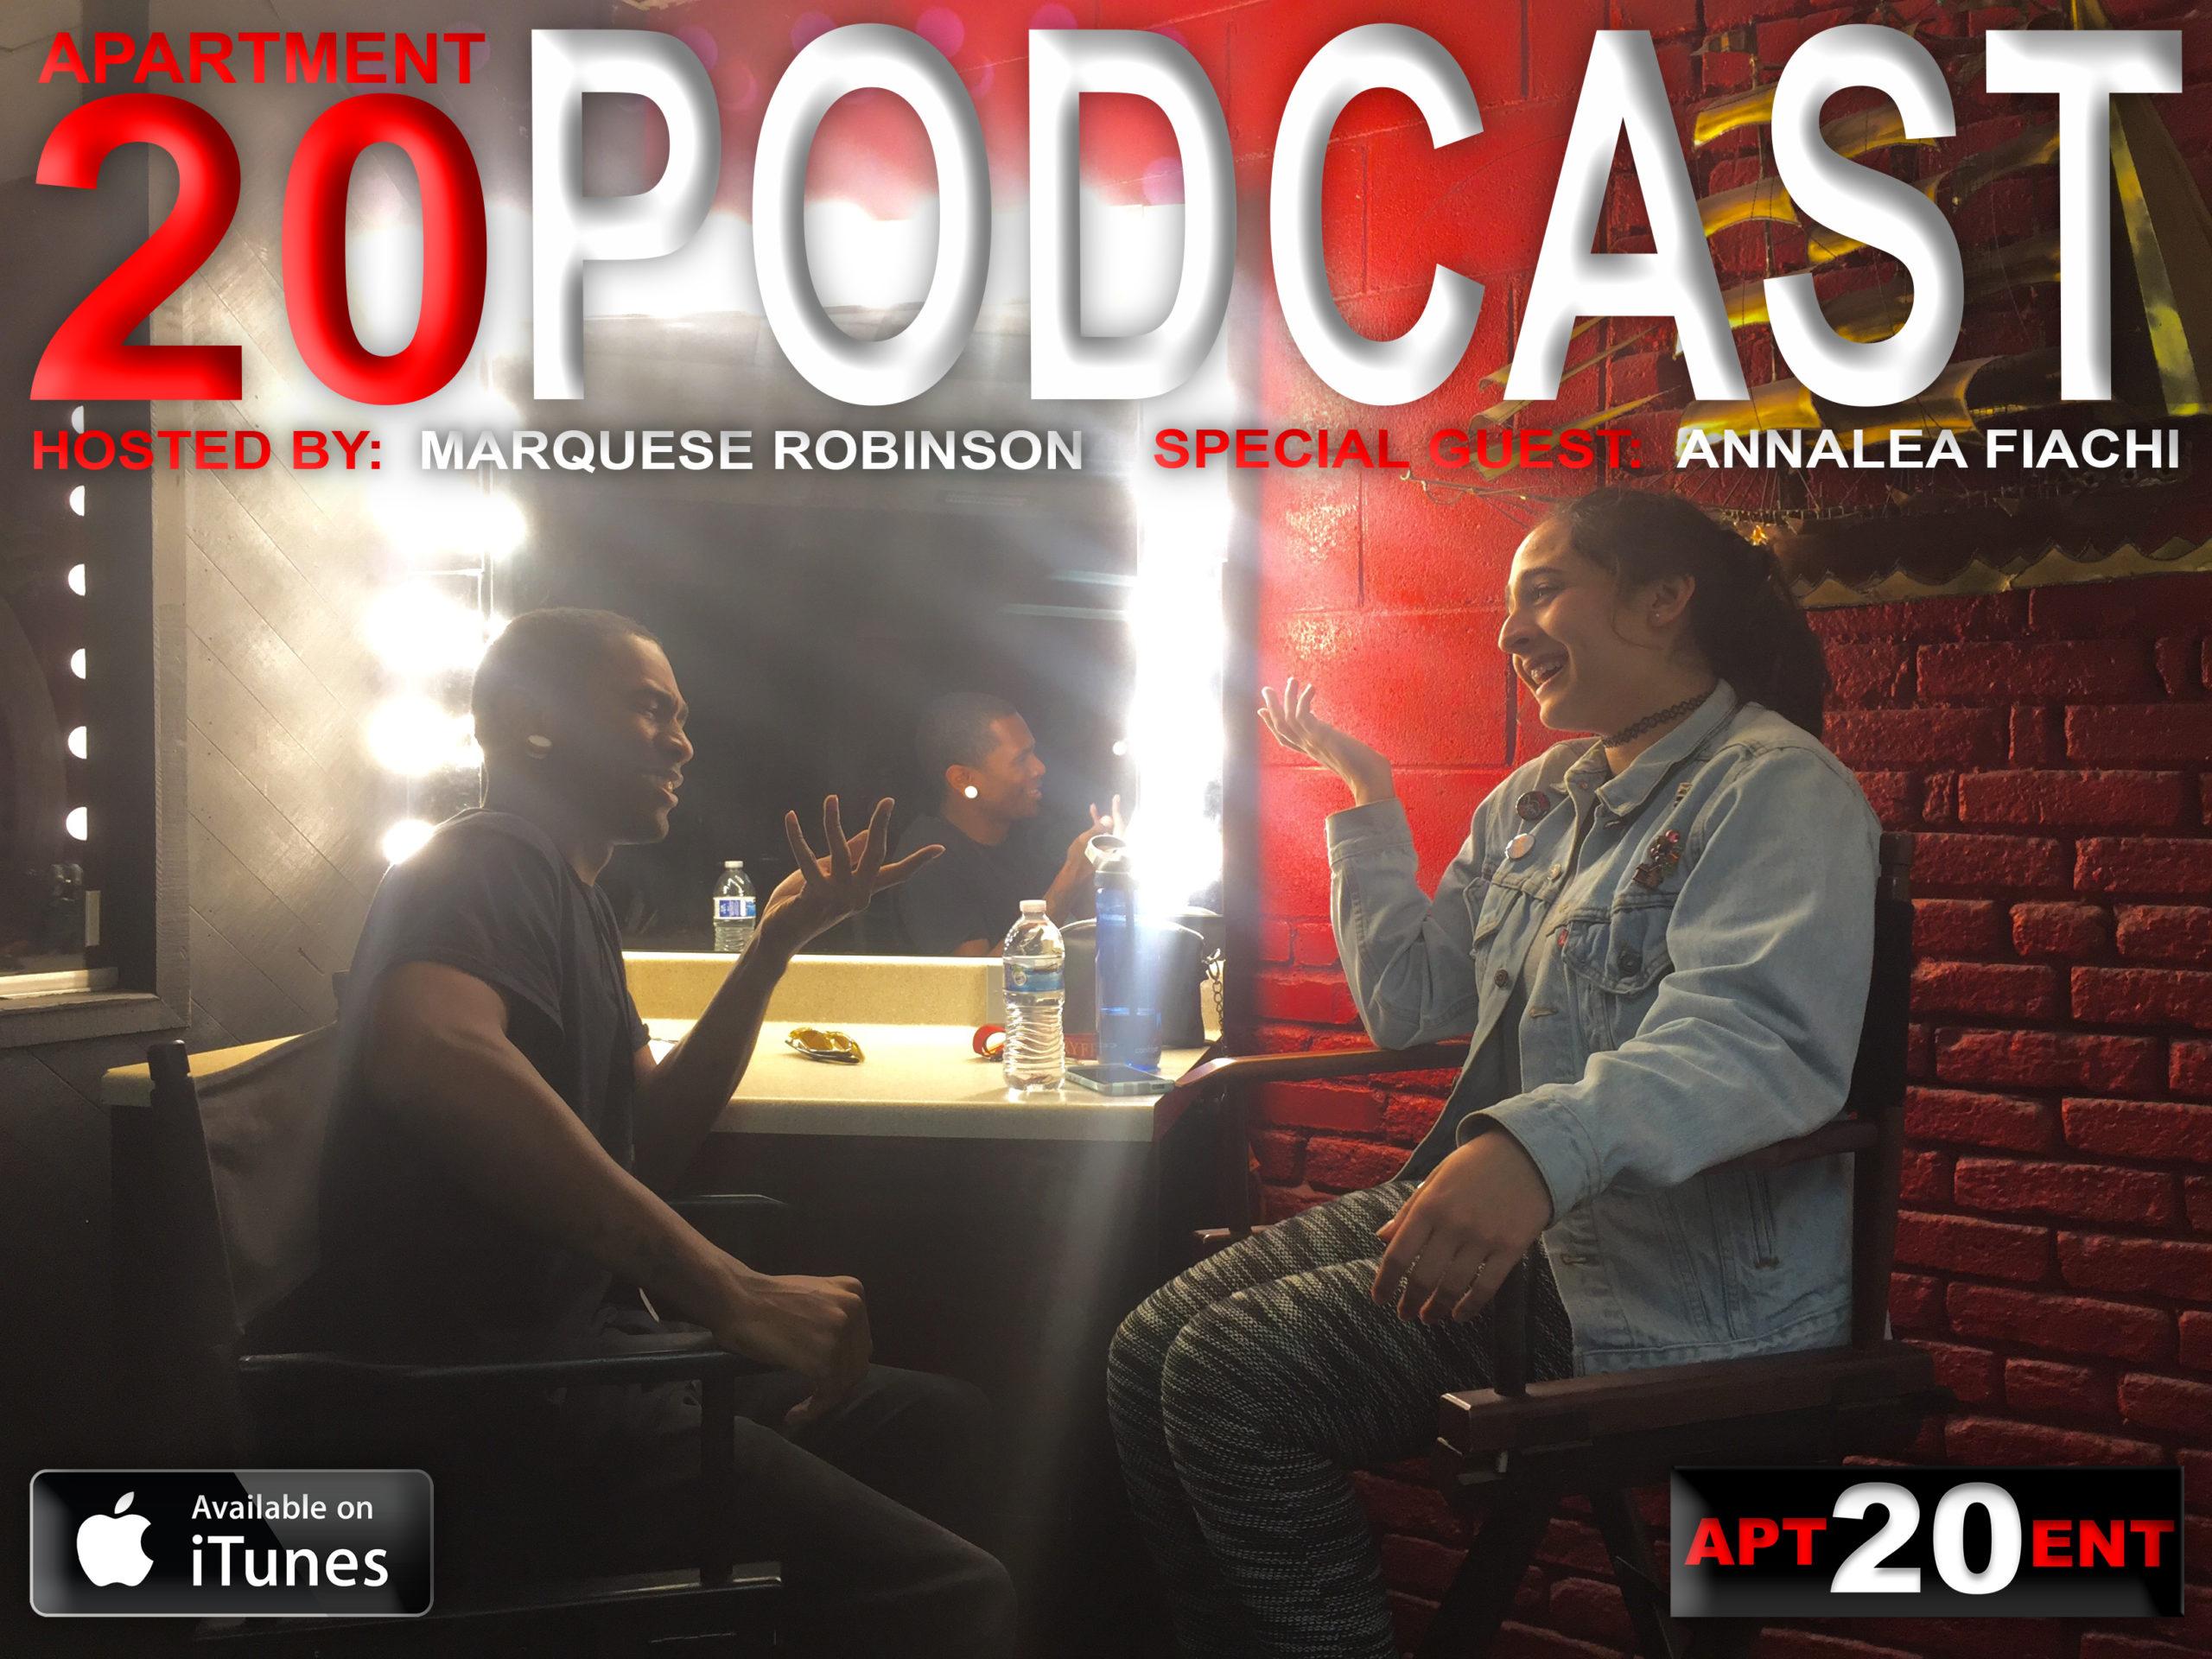 Apartment 20 Podcast: Annalea Fiachi